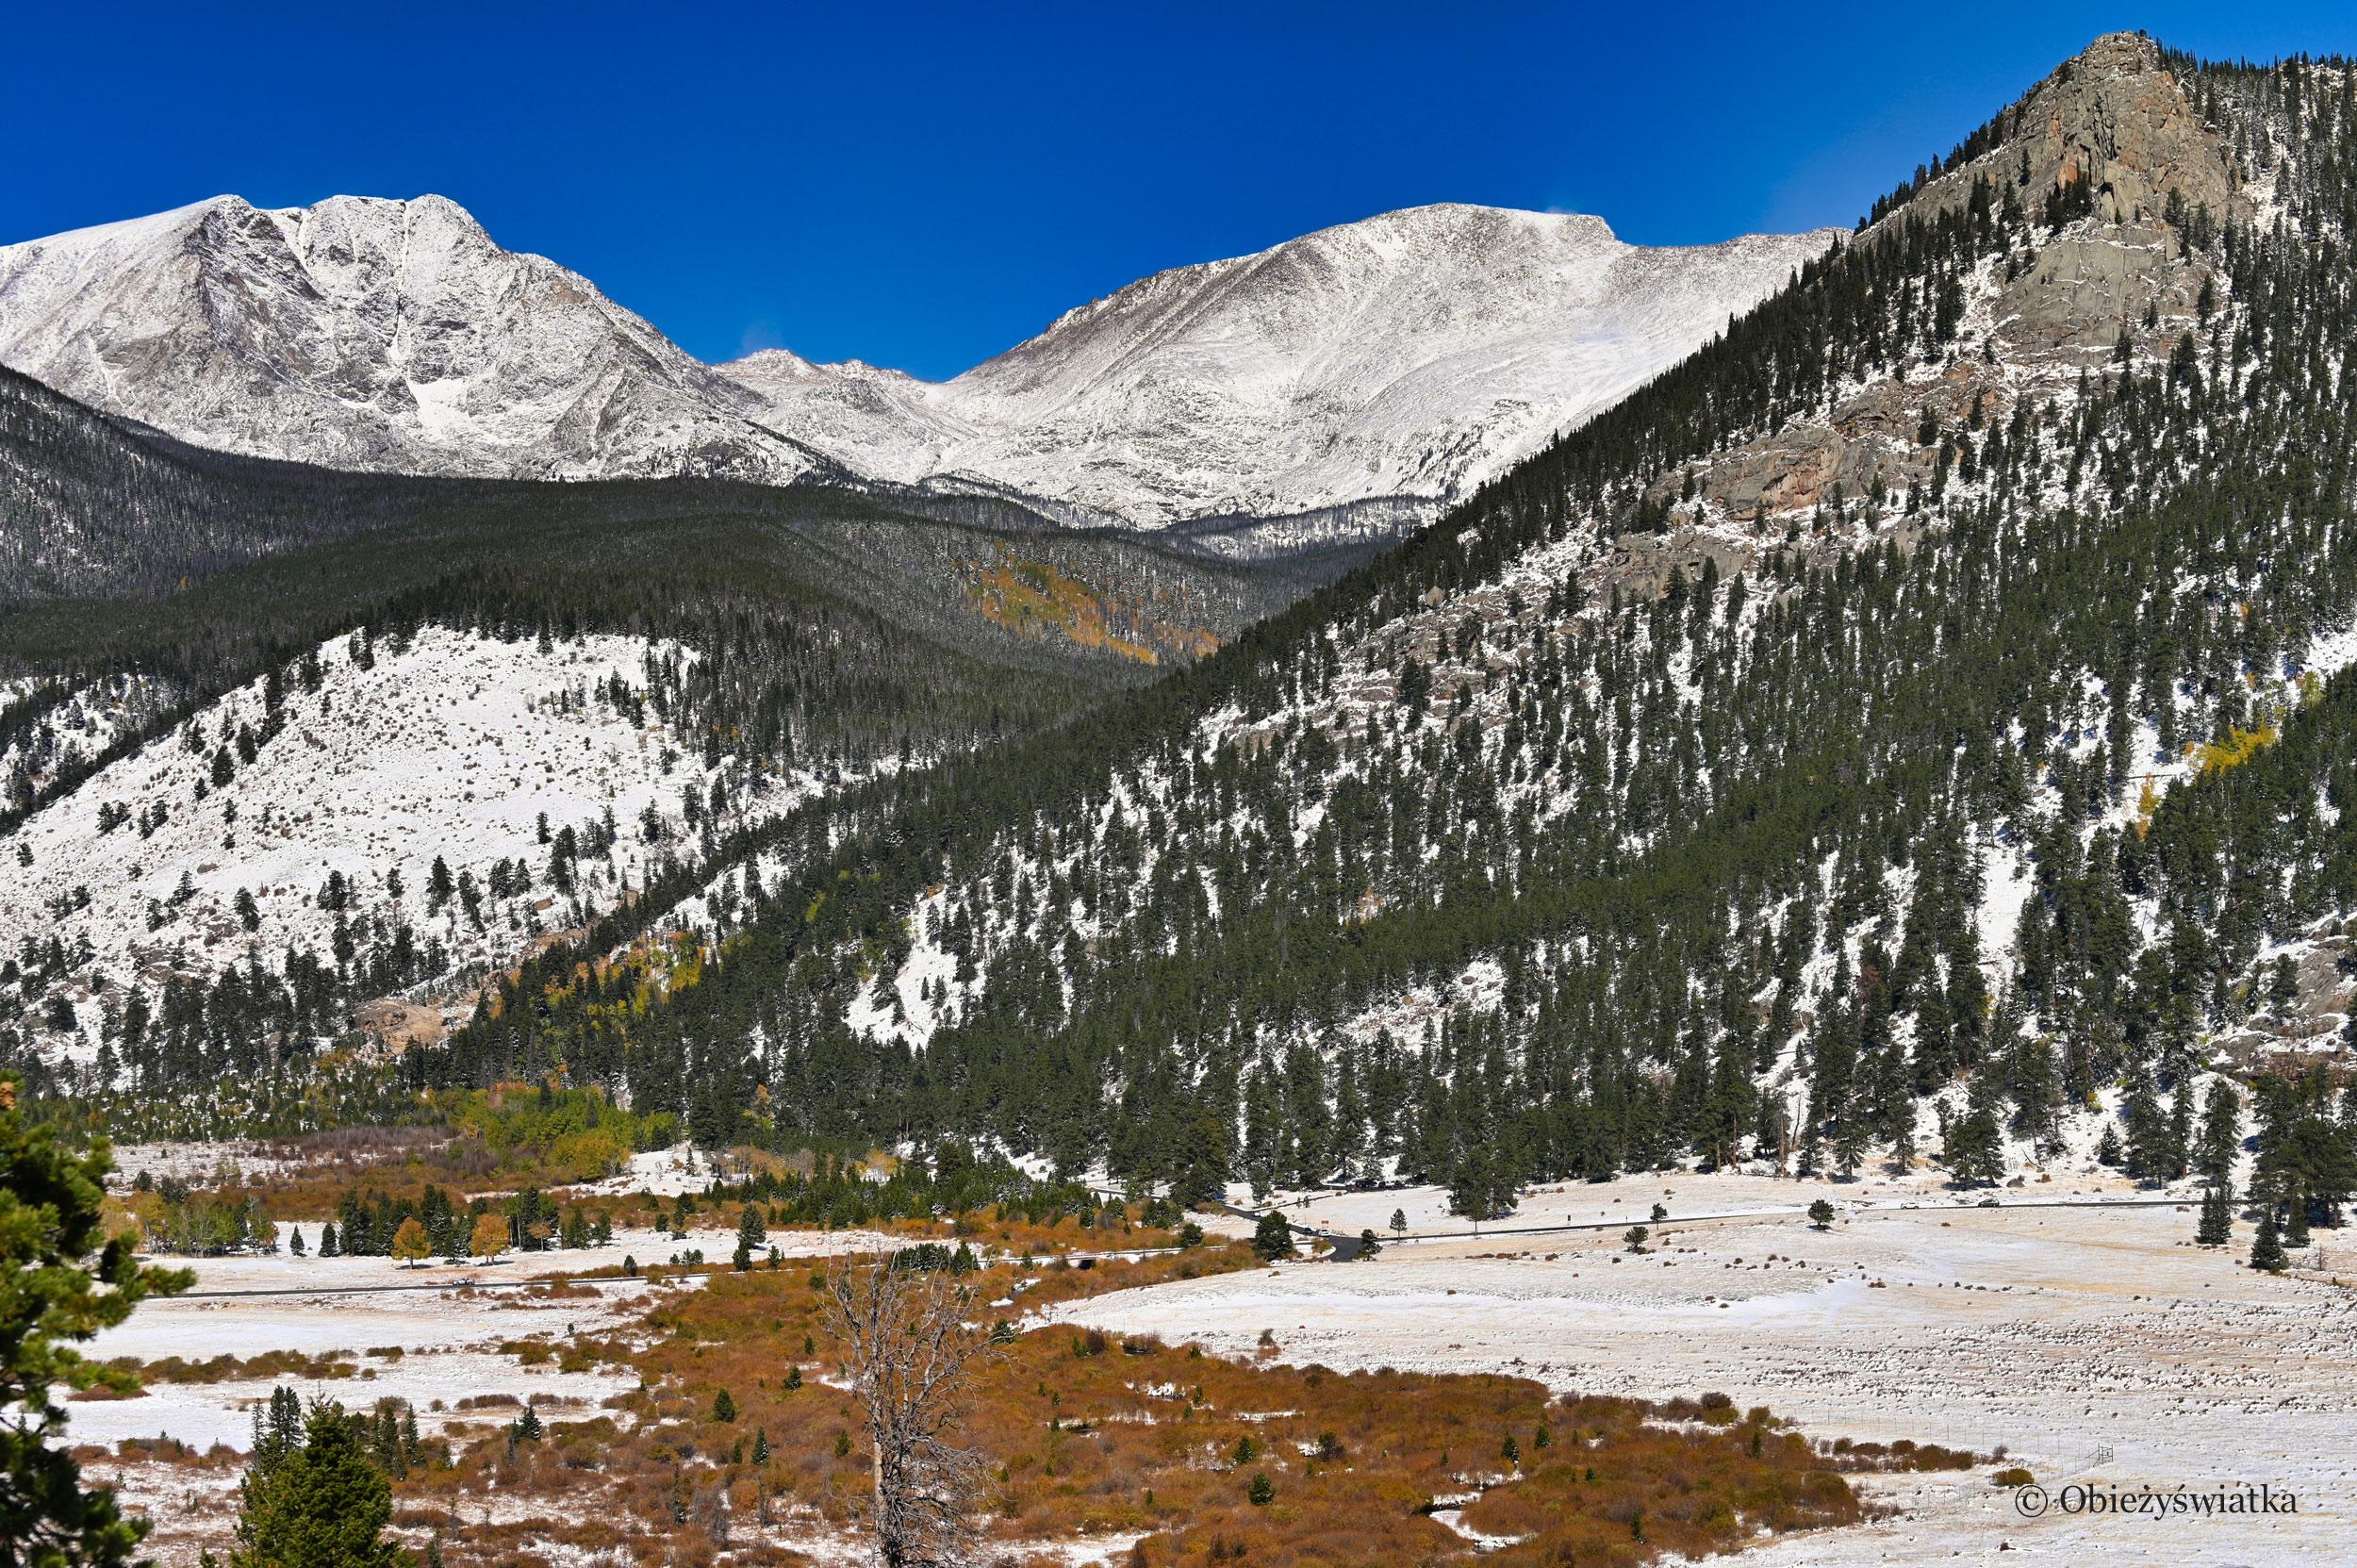 Zima w Górach Skalistych/Rocky Mountains, Colorado